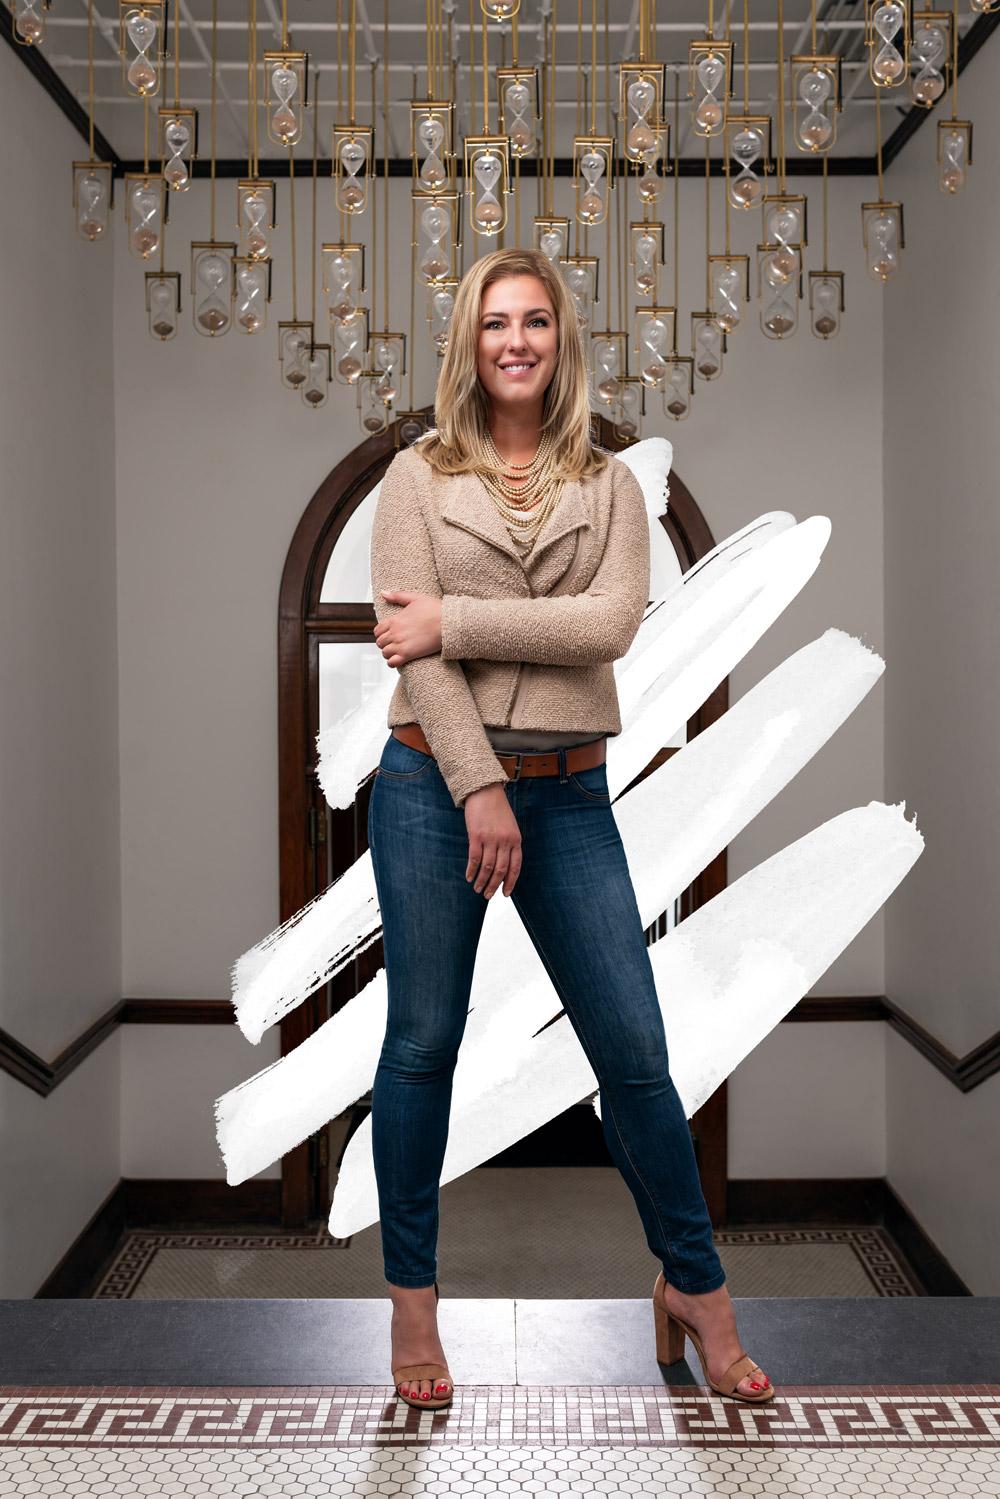 Katherine-Stewart-Communications-Branding-Expert-Calgary